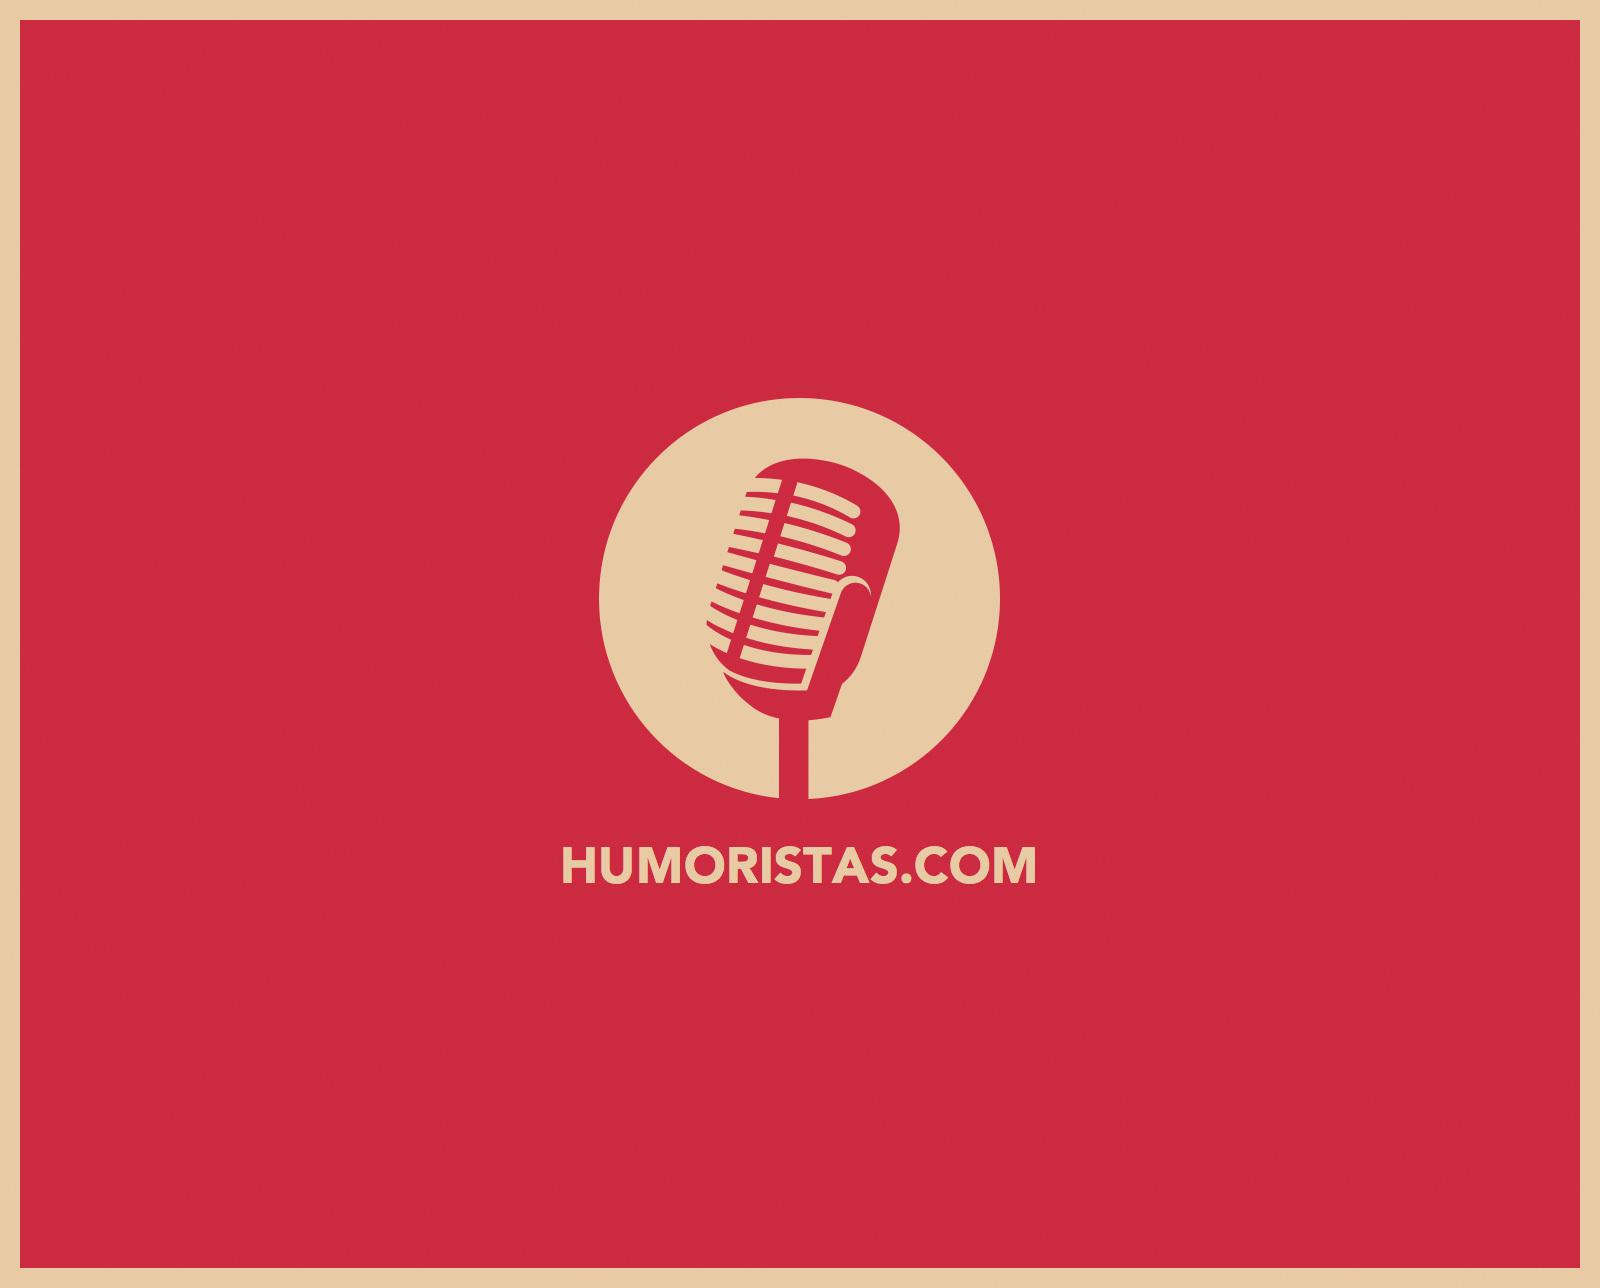 Humoristas 01